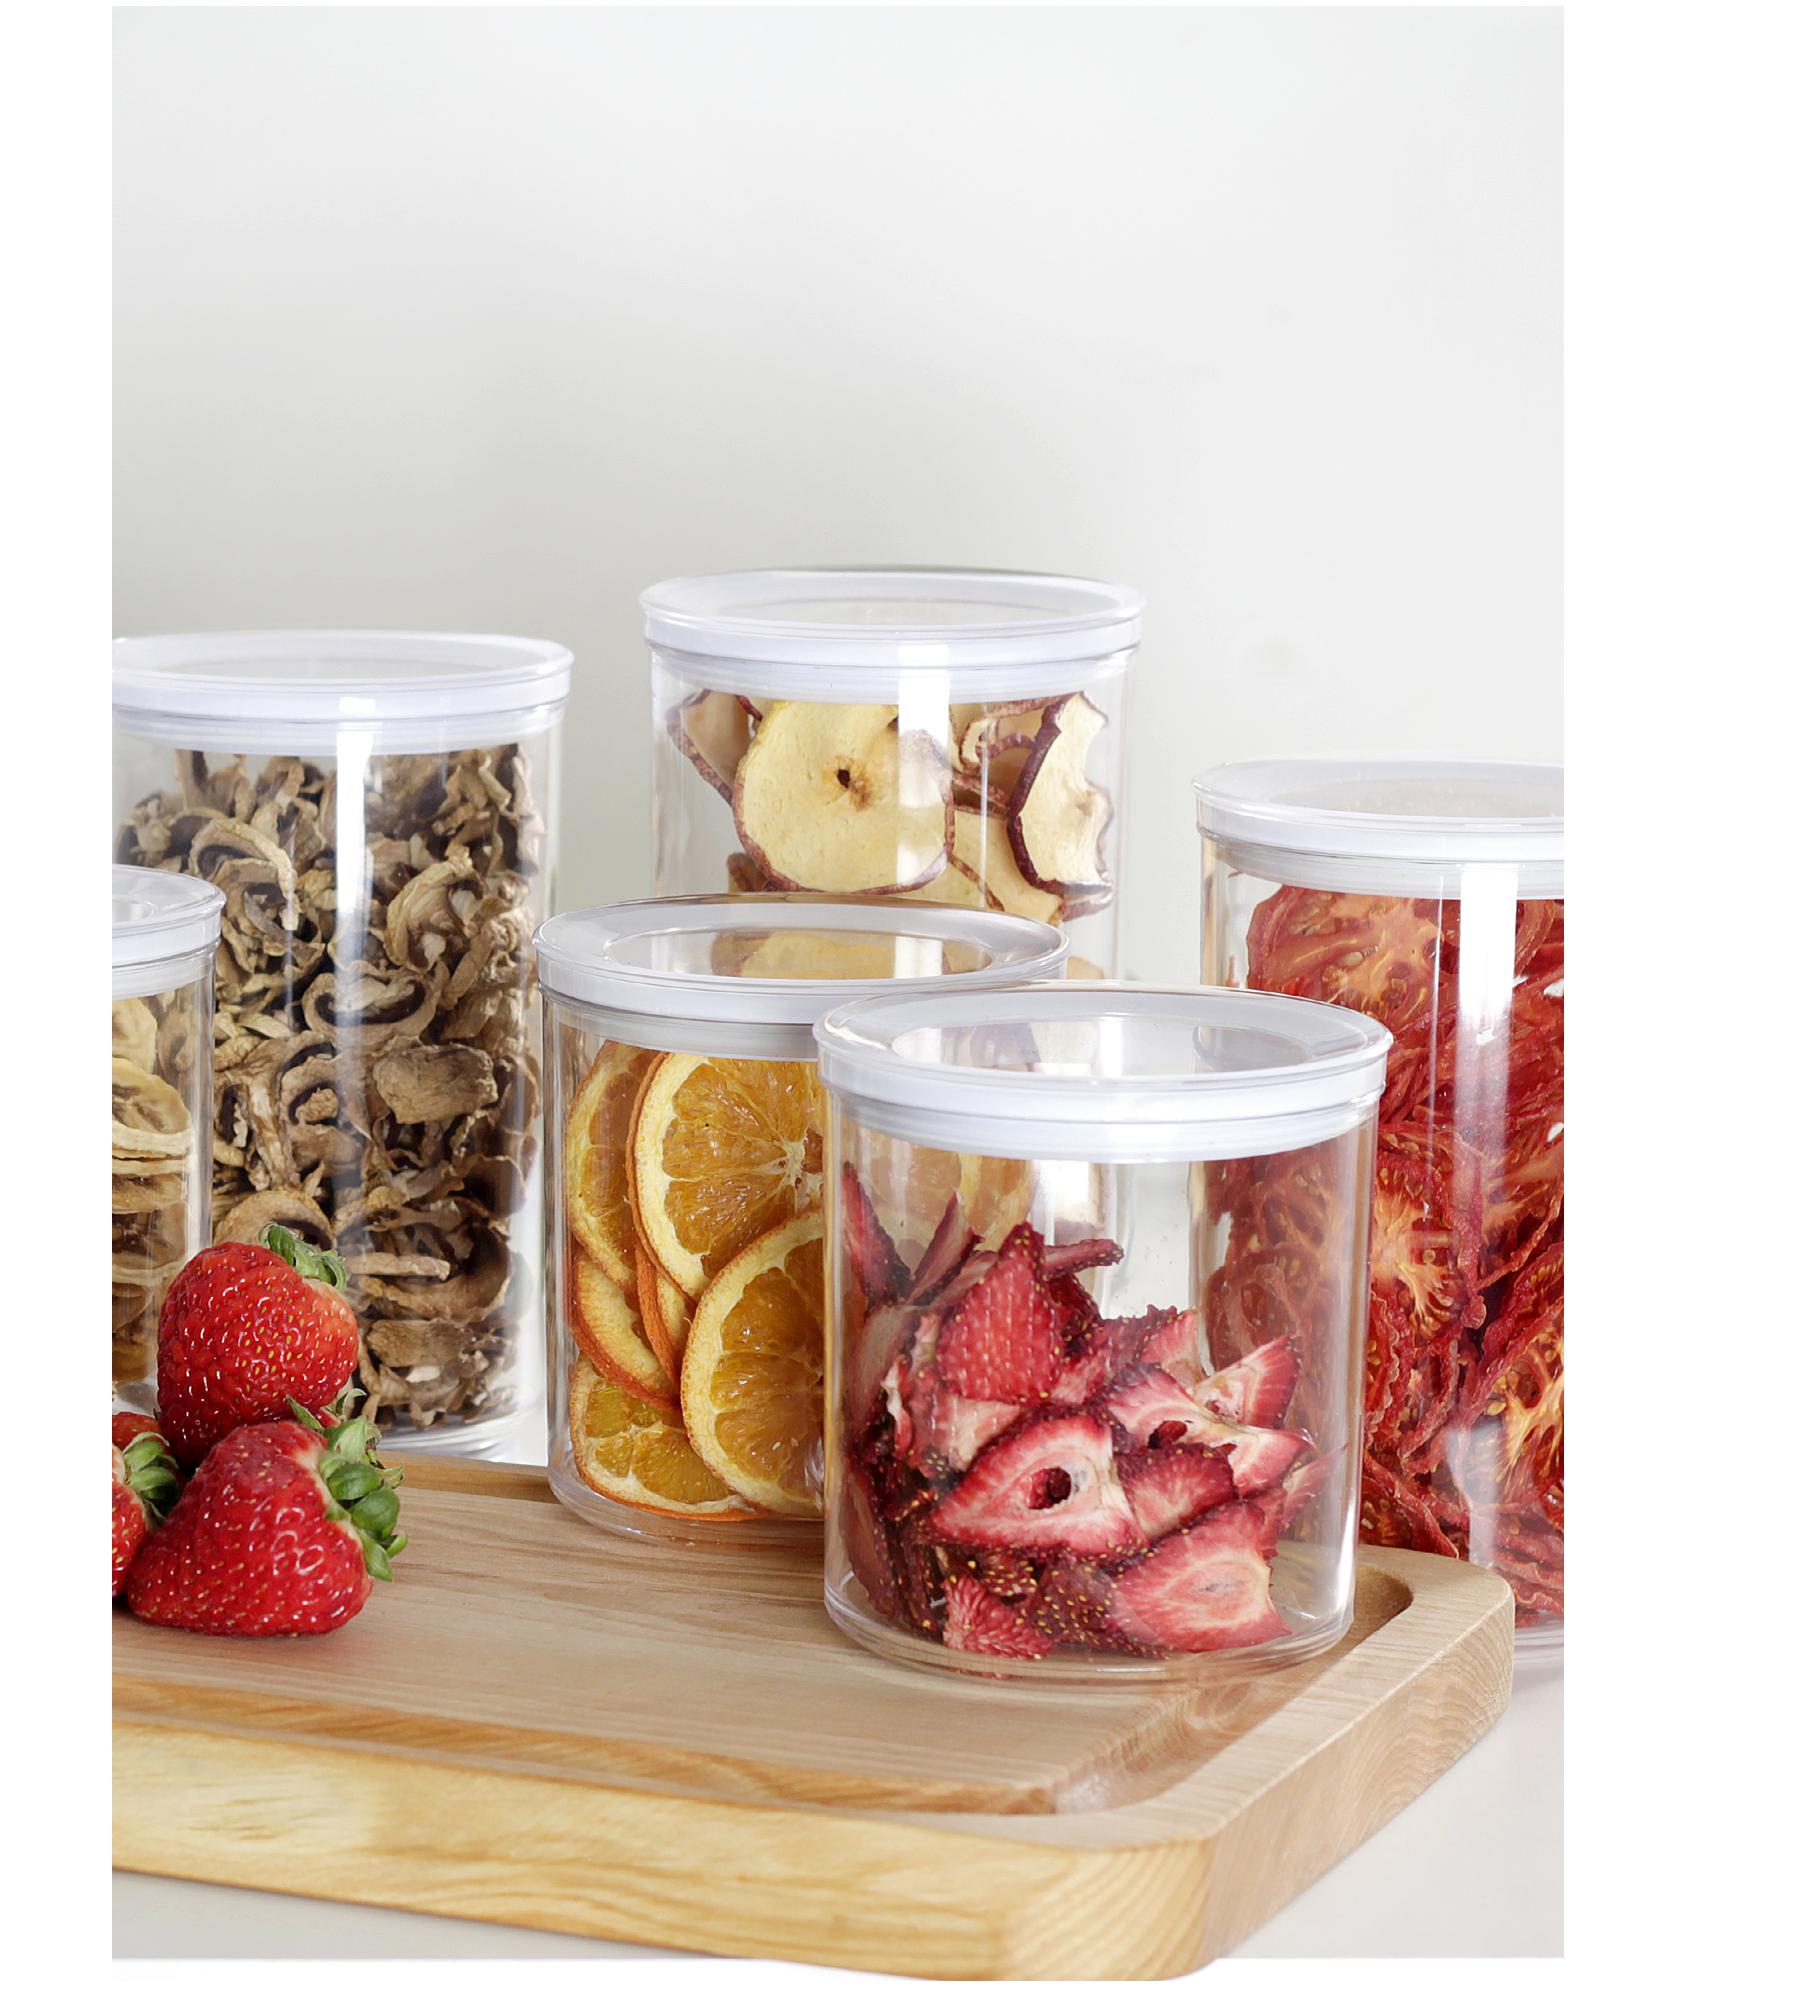 Frascos con alimentos deshidratados